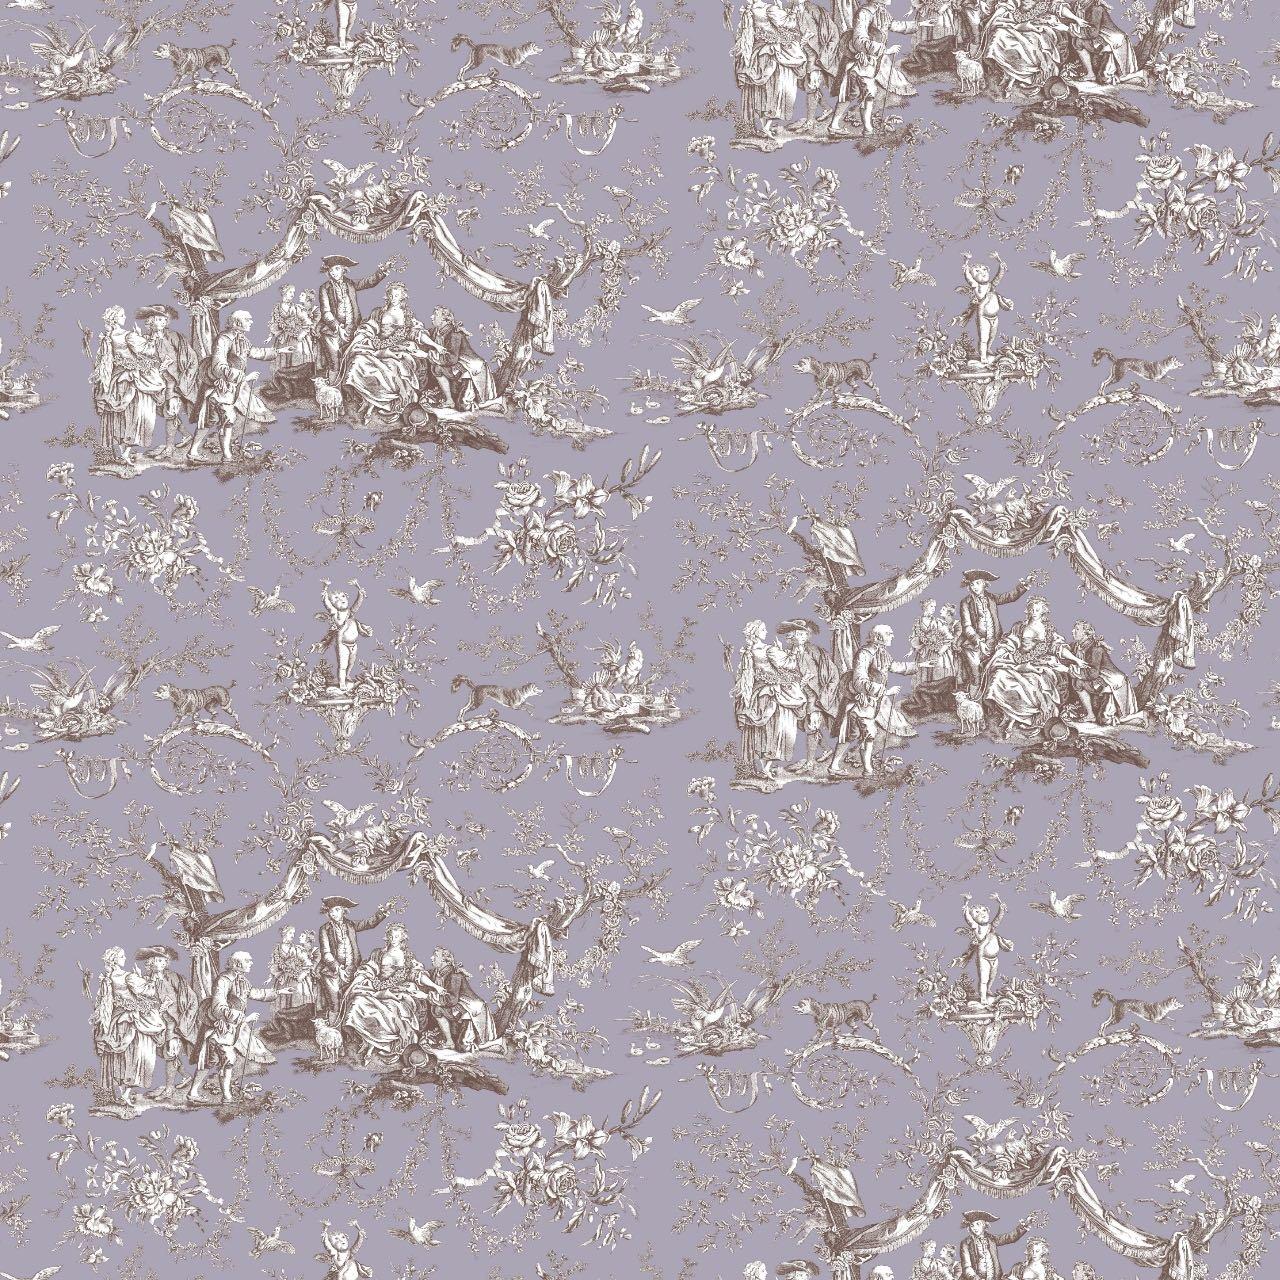 フランス壁紙 フリース(不織布) トワル・ド・ジュイ デザイン 《バラ冠を受ける少女》 パープル & ブラウン